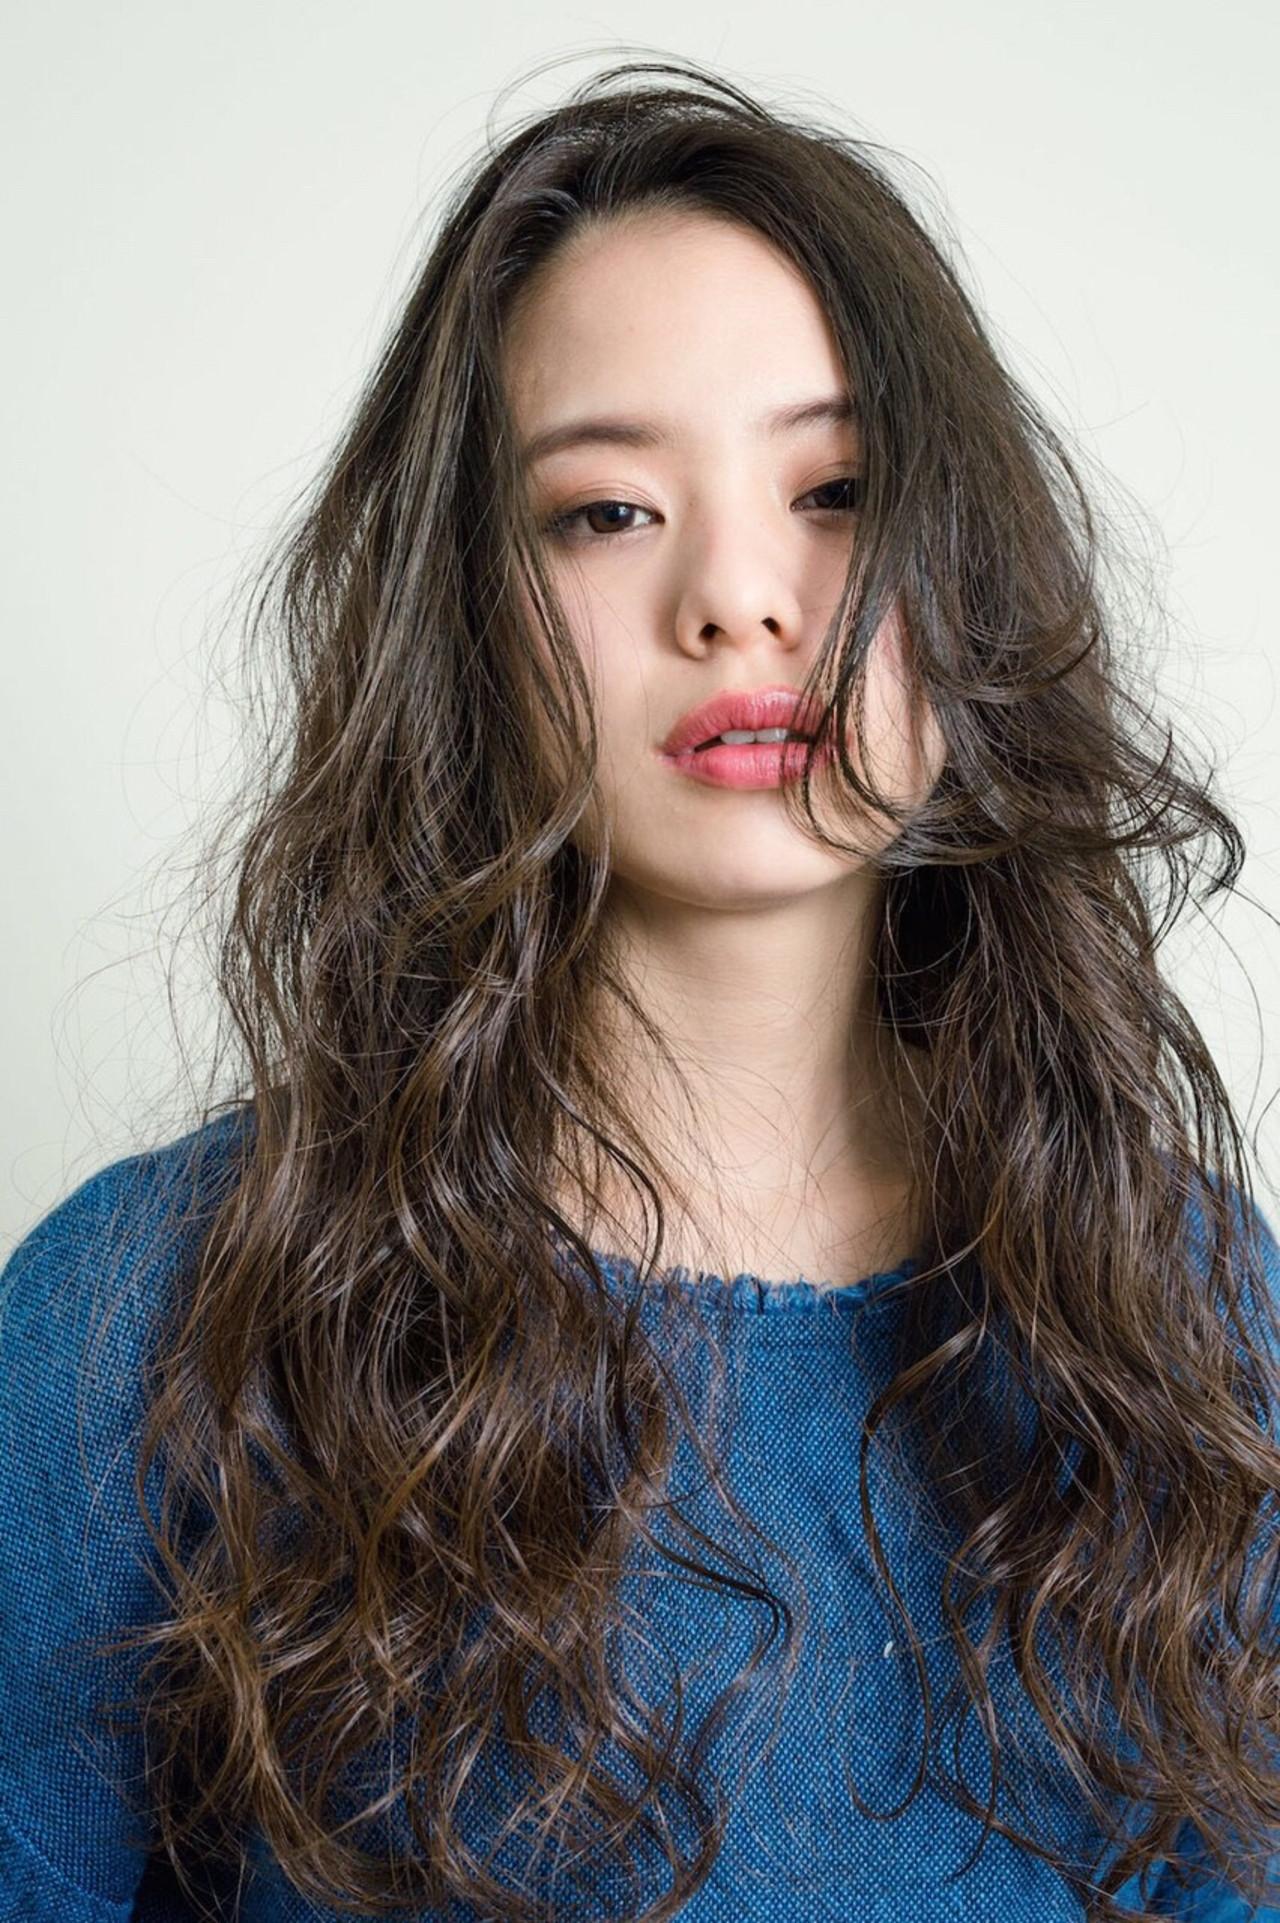 おしゃれヘアスタイル2017!編集部オススメ髪型を長さ別ヘアカタログでお届け! 田中 紗貴